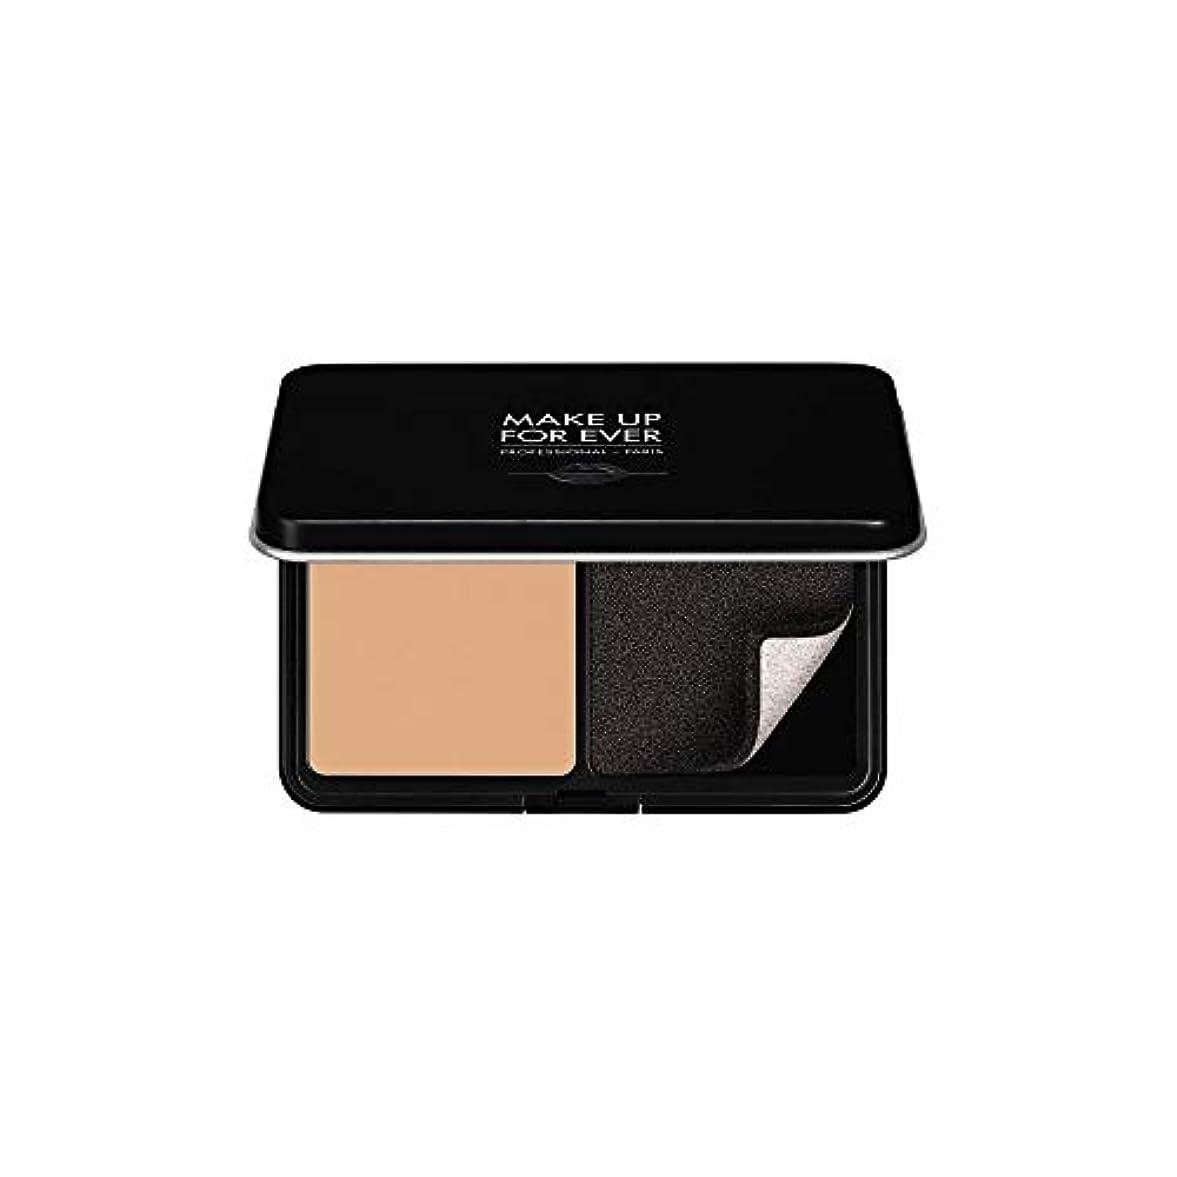 ソフトウェアスティック兵士メイクアップフォーエバー Matte Velvet Skin Blurring Powder Foundation - # R260 (Pink Beige) 11g/0.38oz並行輸入品